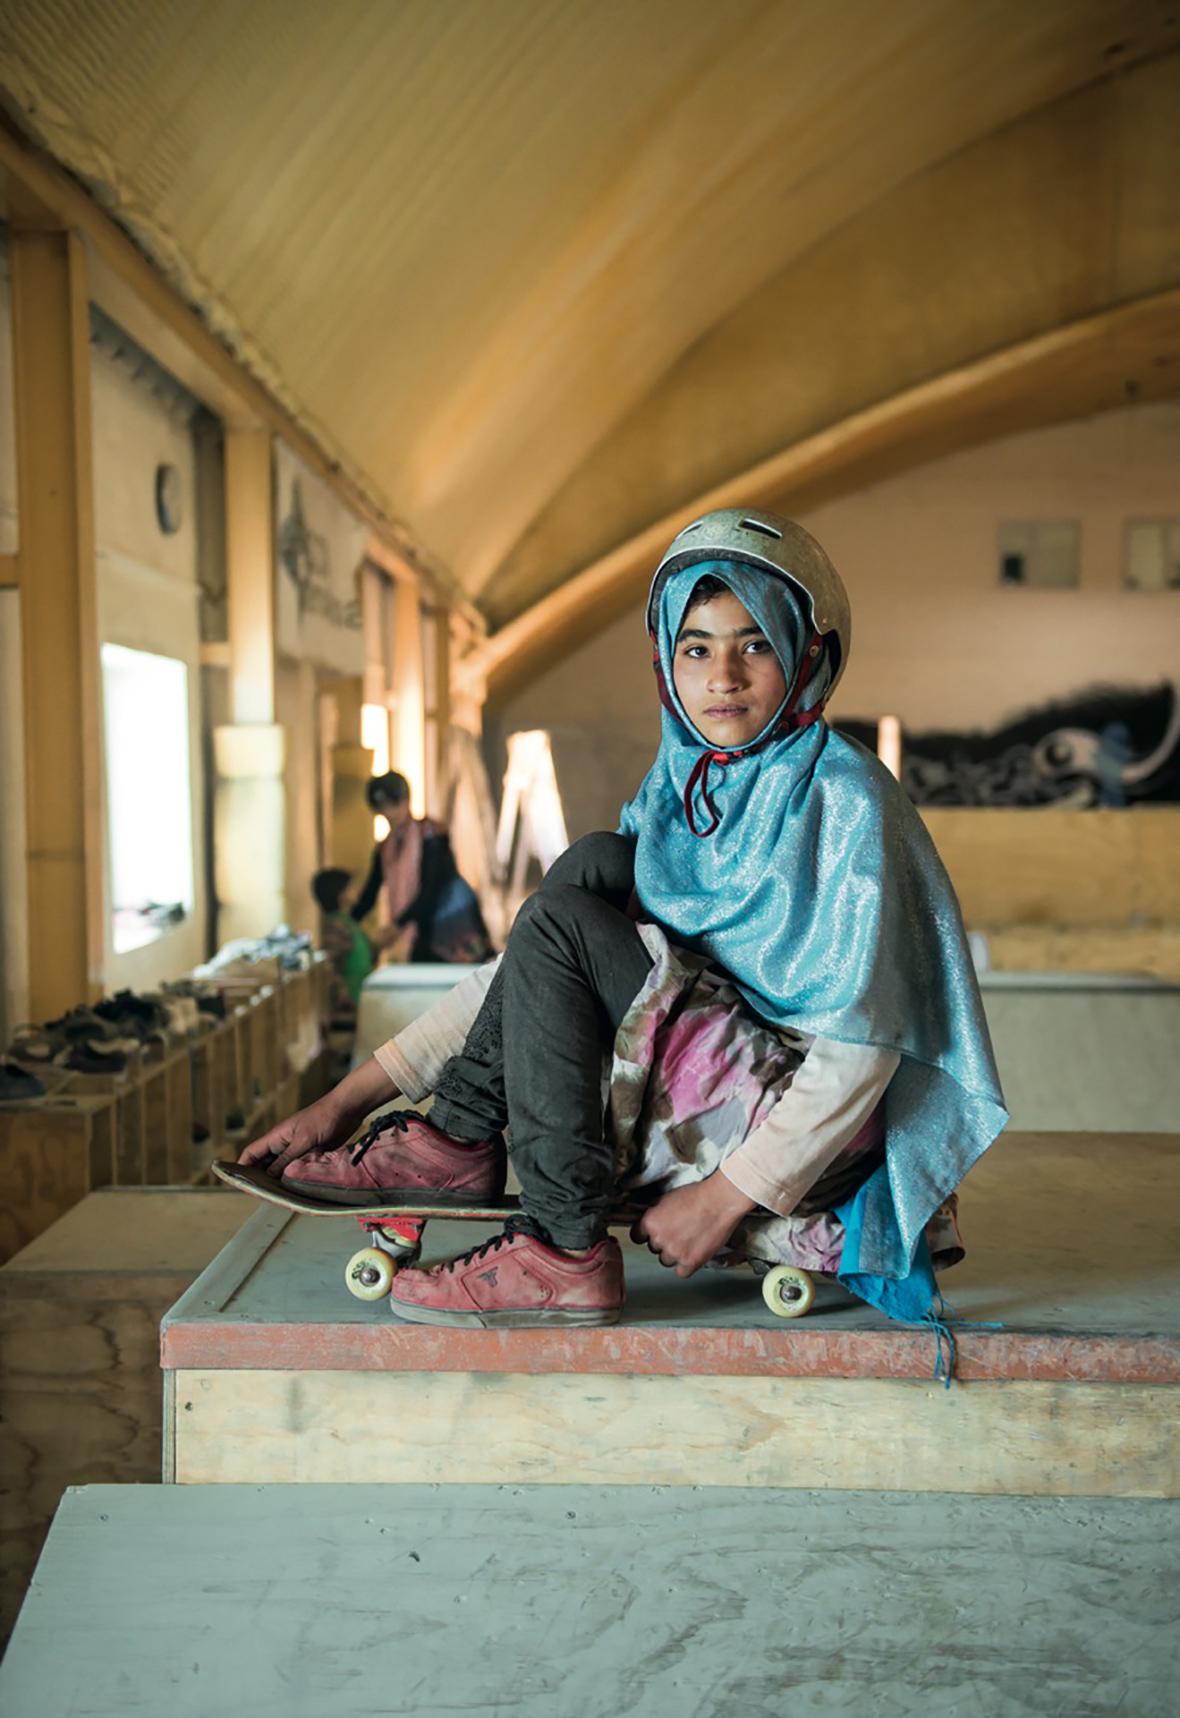 The Skate Girls of Kabul